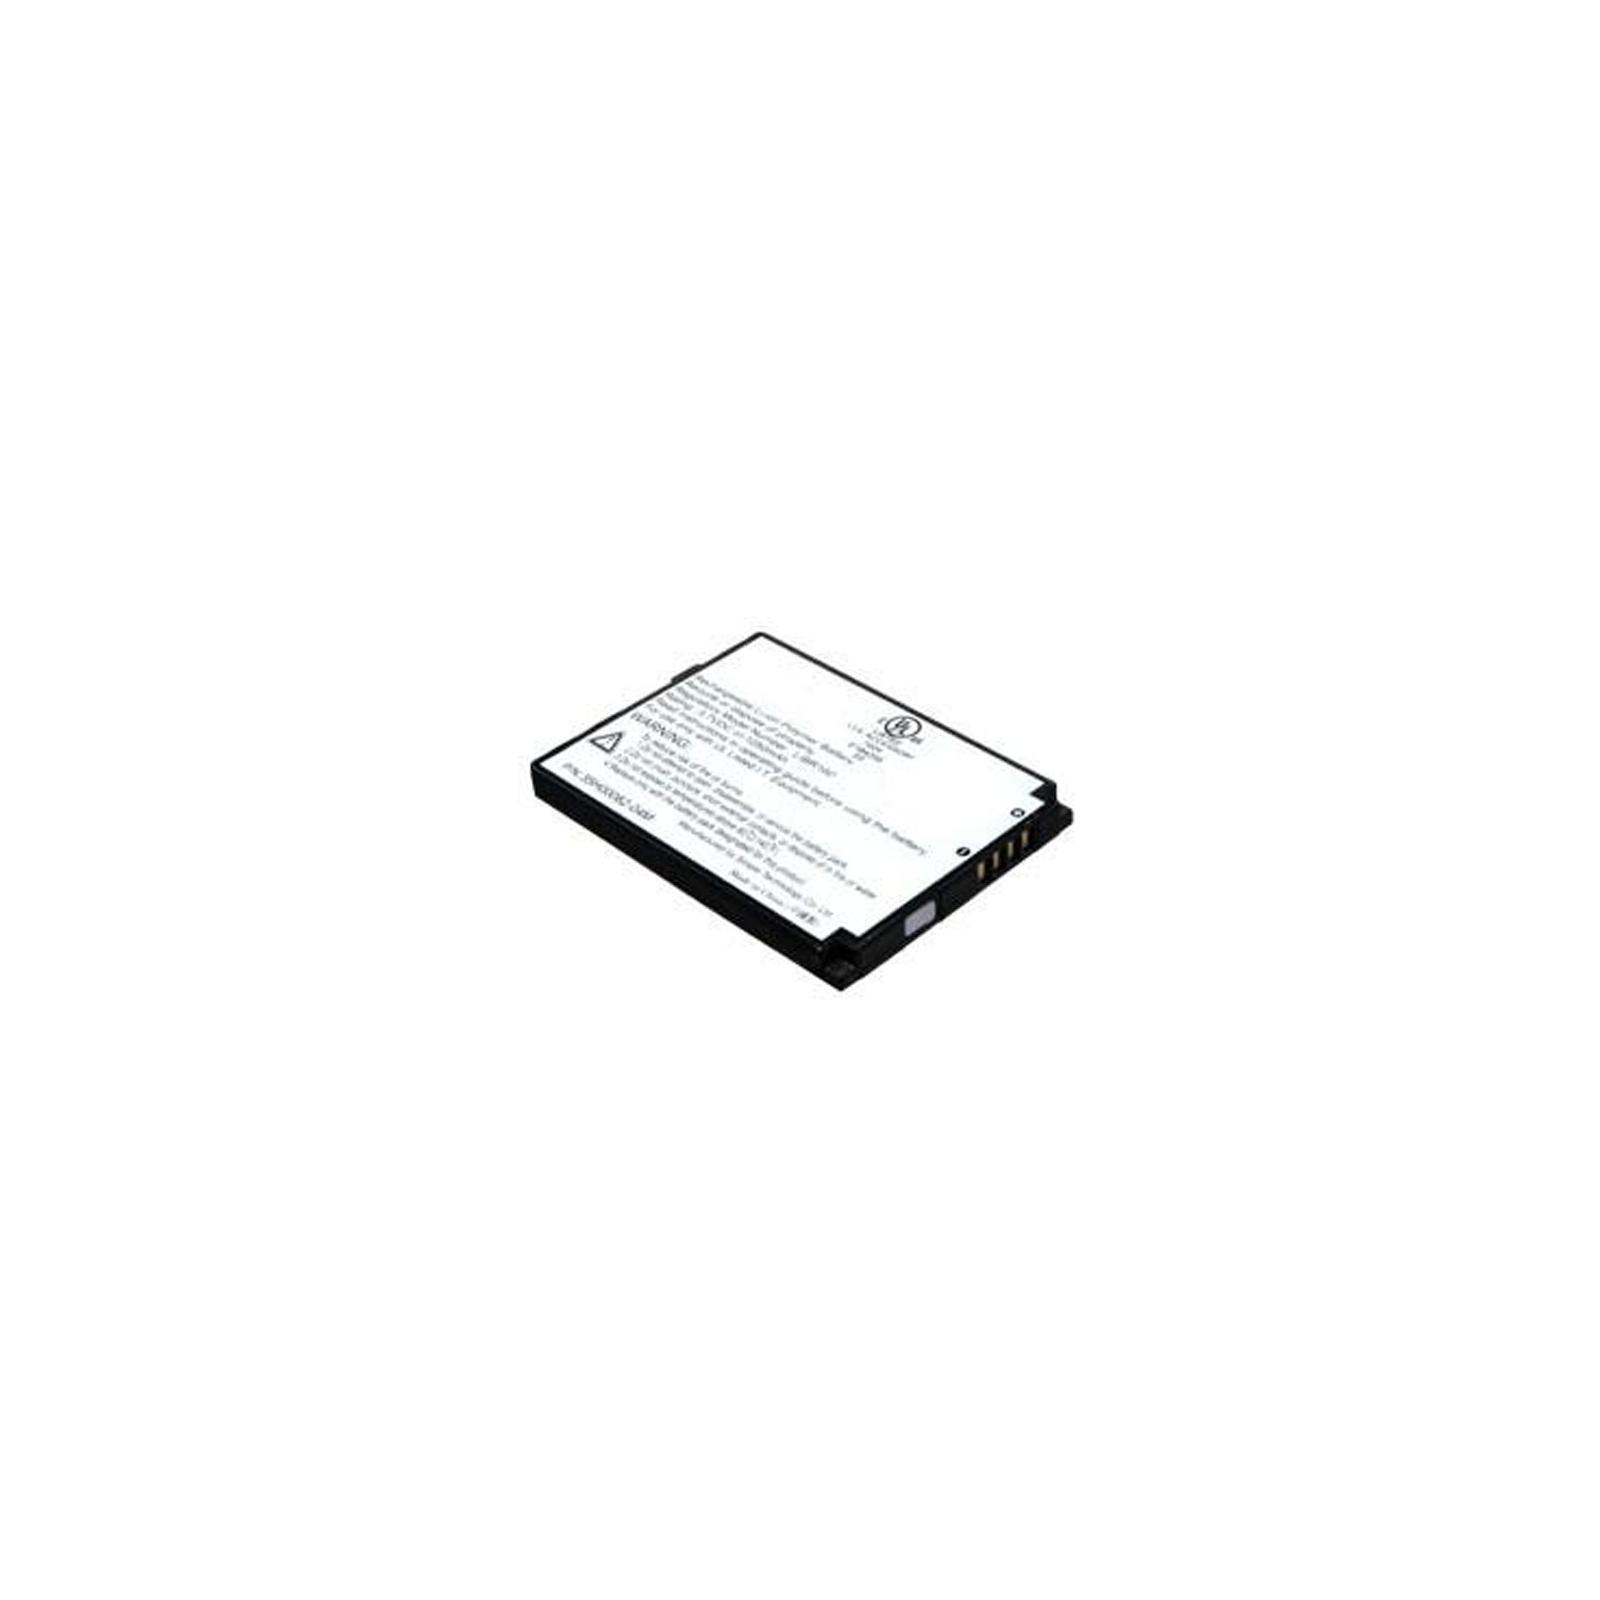 Аккумуляторная батарея PowerPlant HTC LIBR160 (C730, C500, C730W, S630, S650, S710, S730) (DV00DV6151)